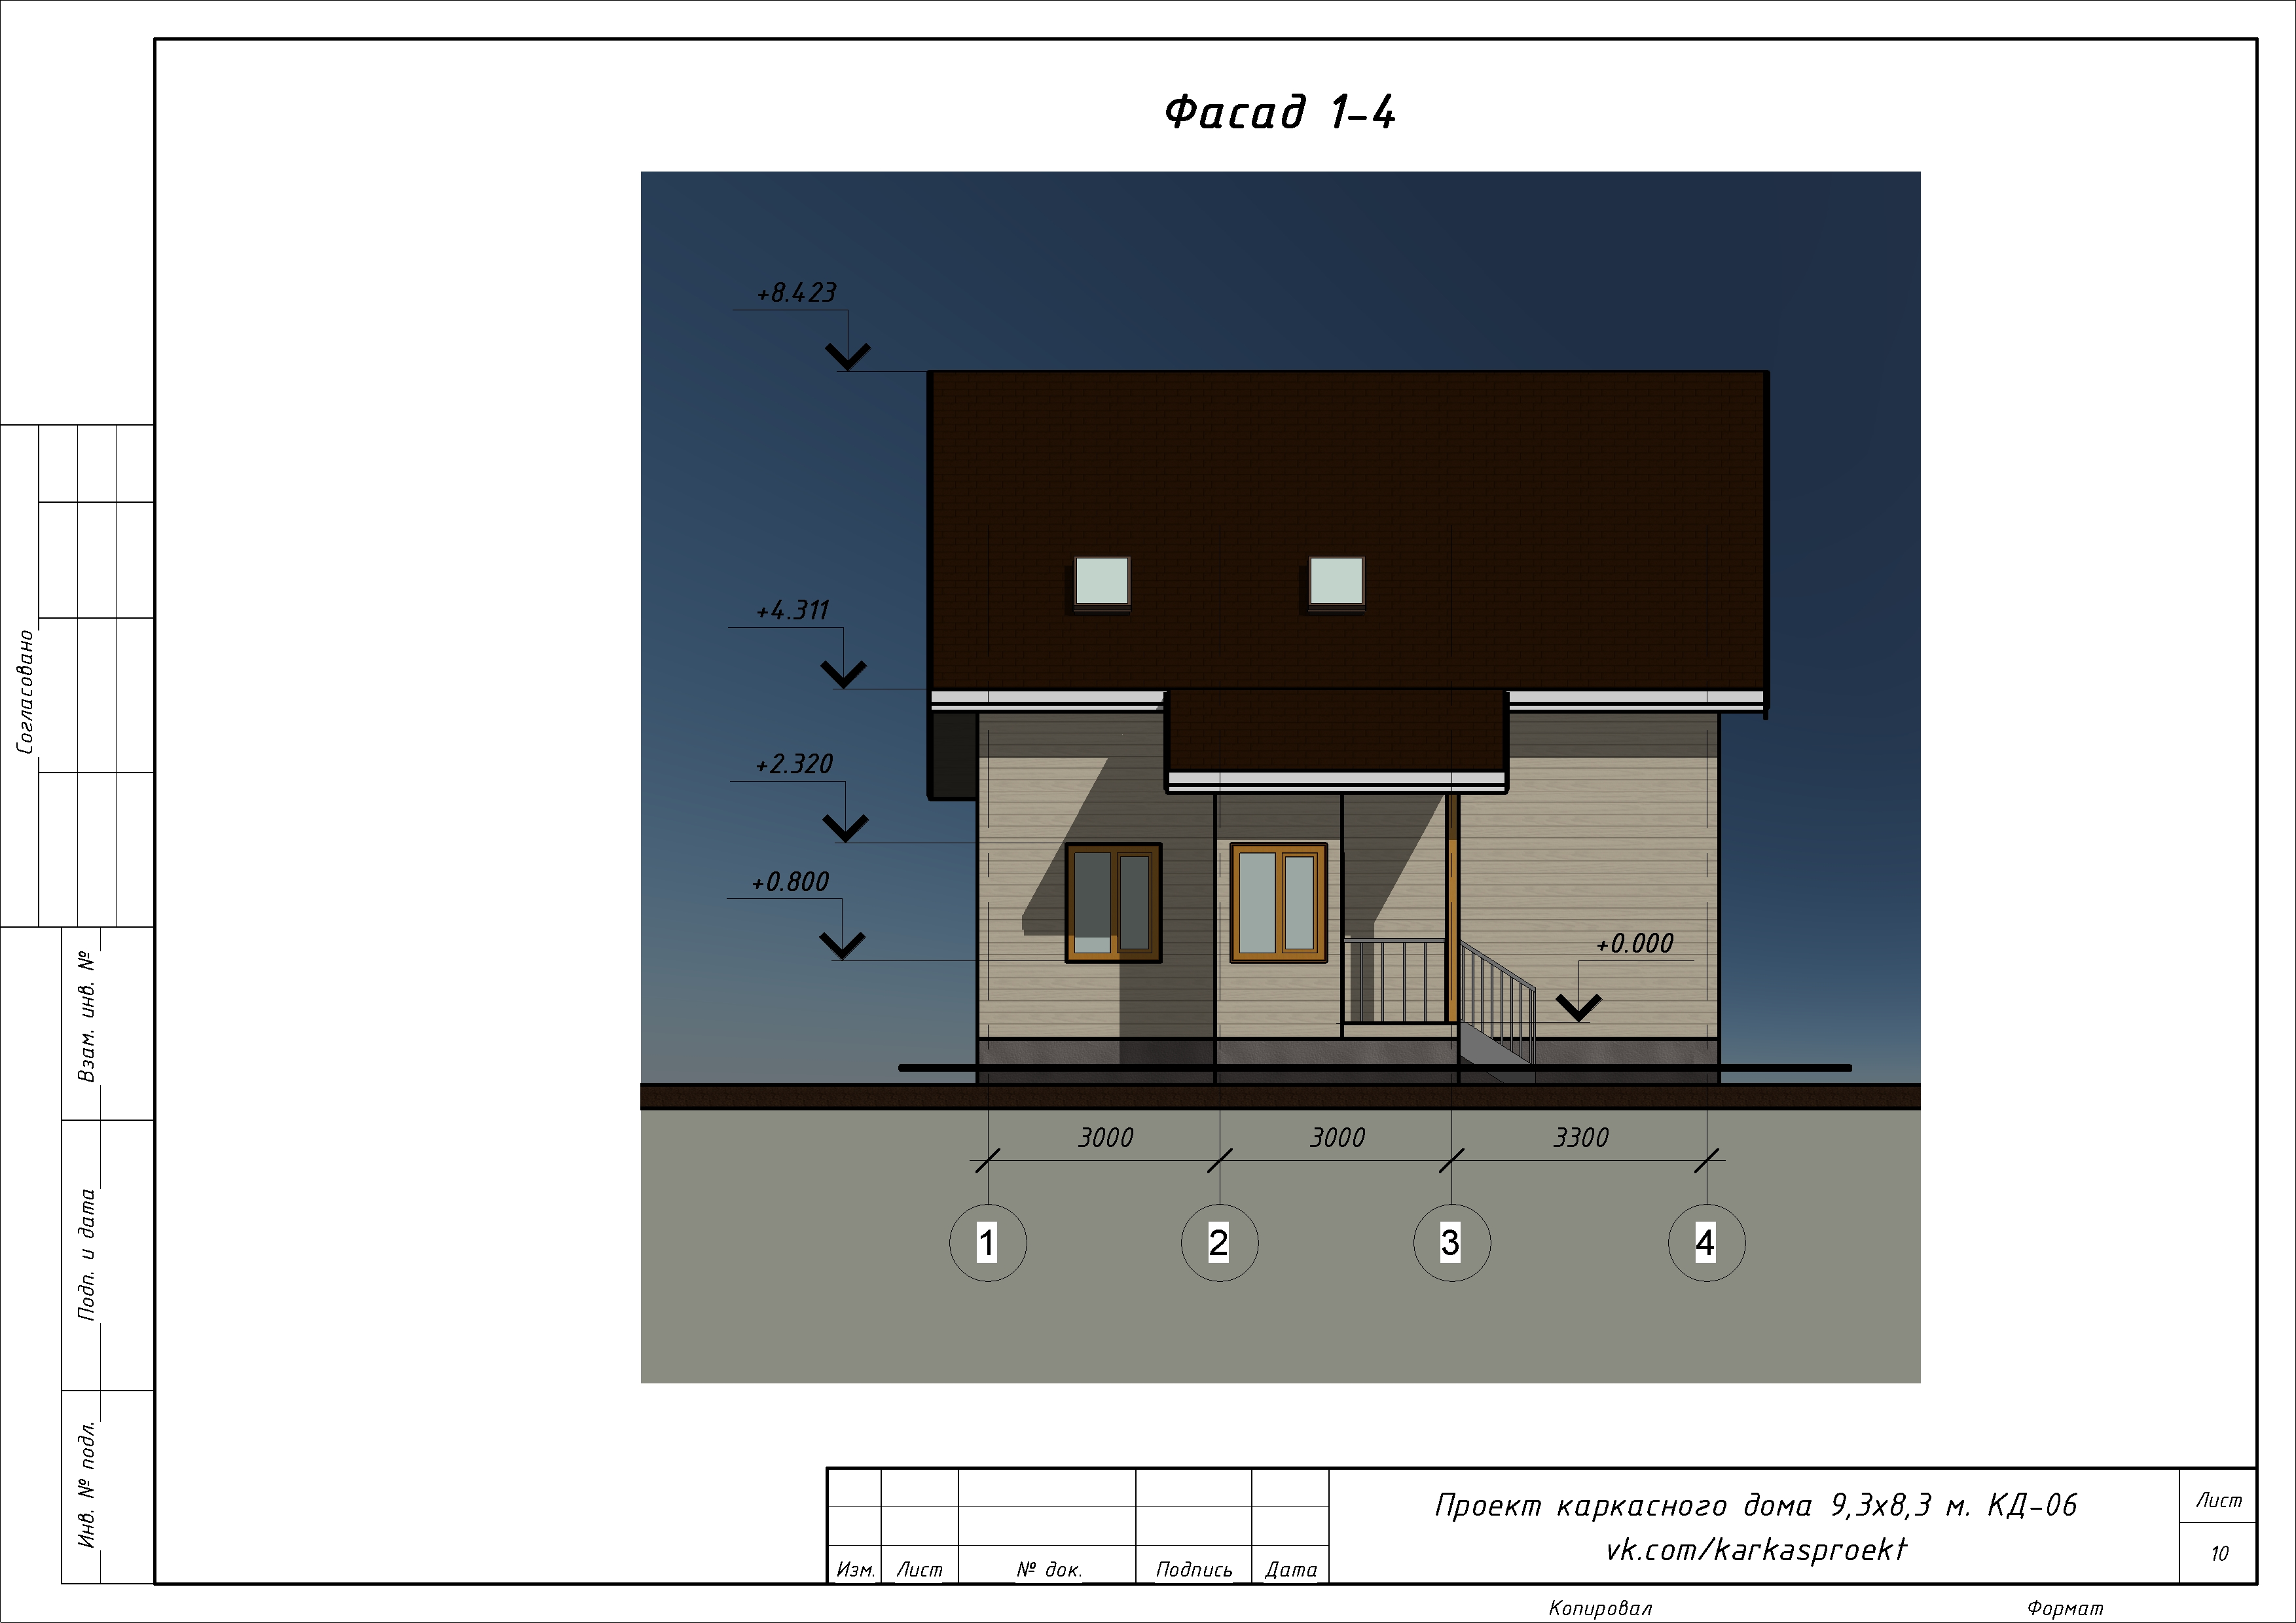 КД-06 - Фасад 1-4